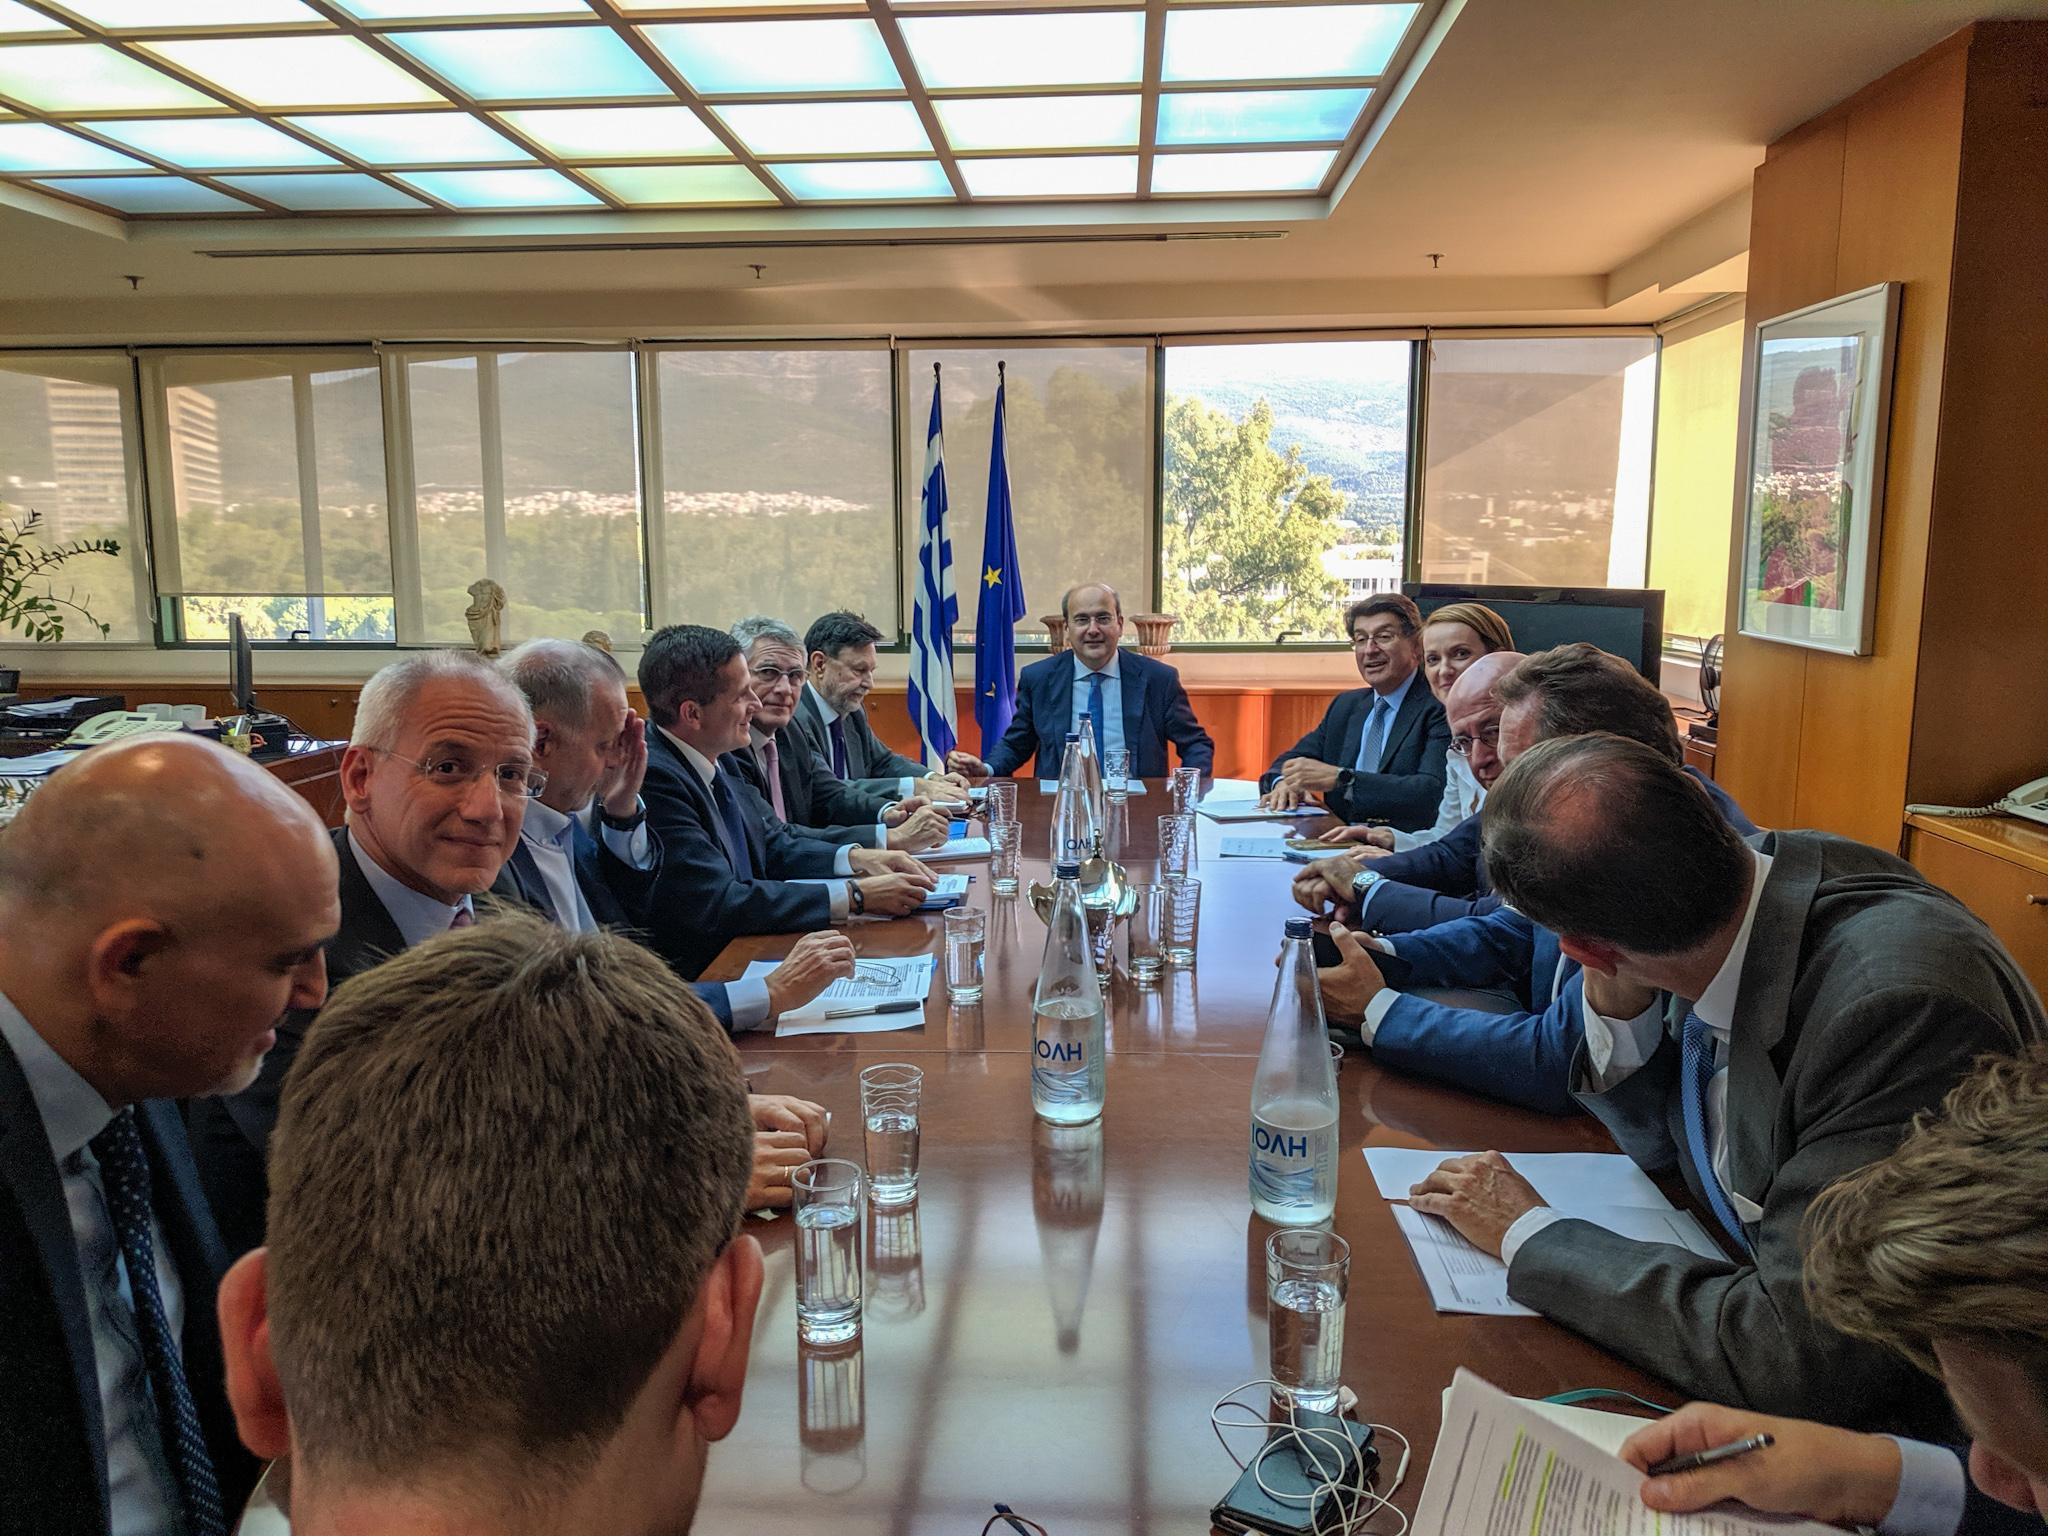 Κ. Χατζηδάκης: «Συμφωνήσαμε με ΣΕΒ για τον εκσυγχρονισμό του ενεργειακού τοπίου»